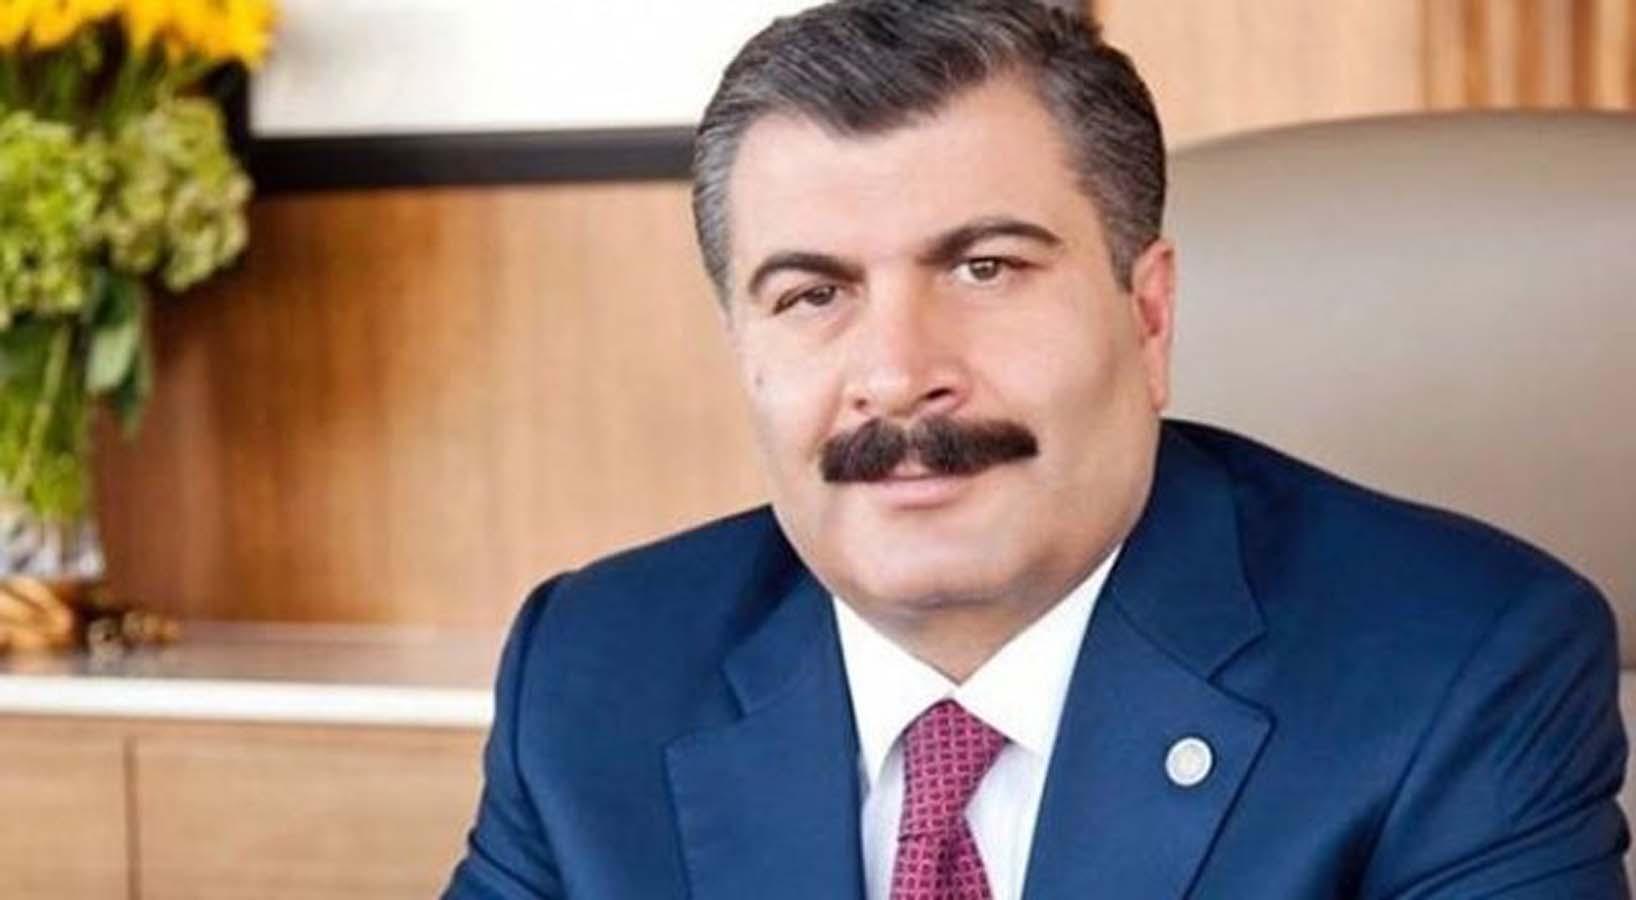 Sağlık Bakanı: Terörden Mahkum Olanlar Hekimlik Yapamaz